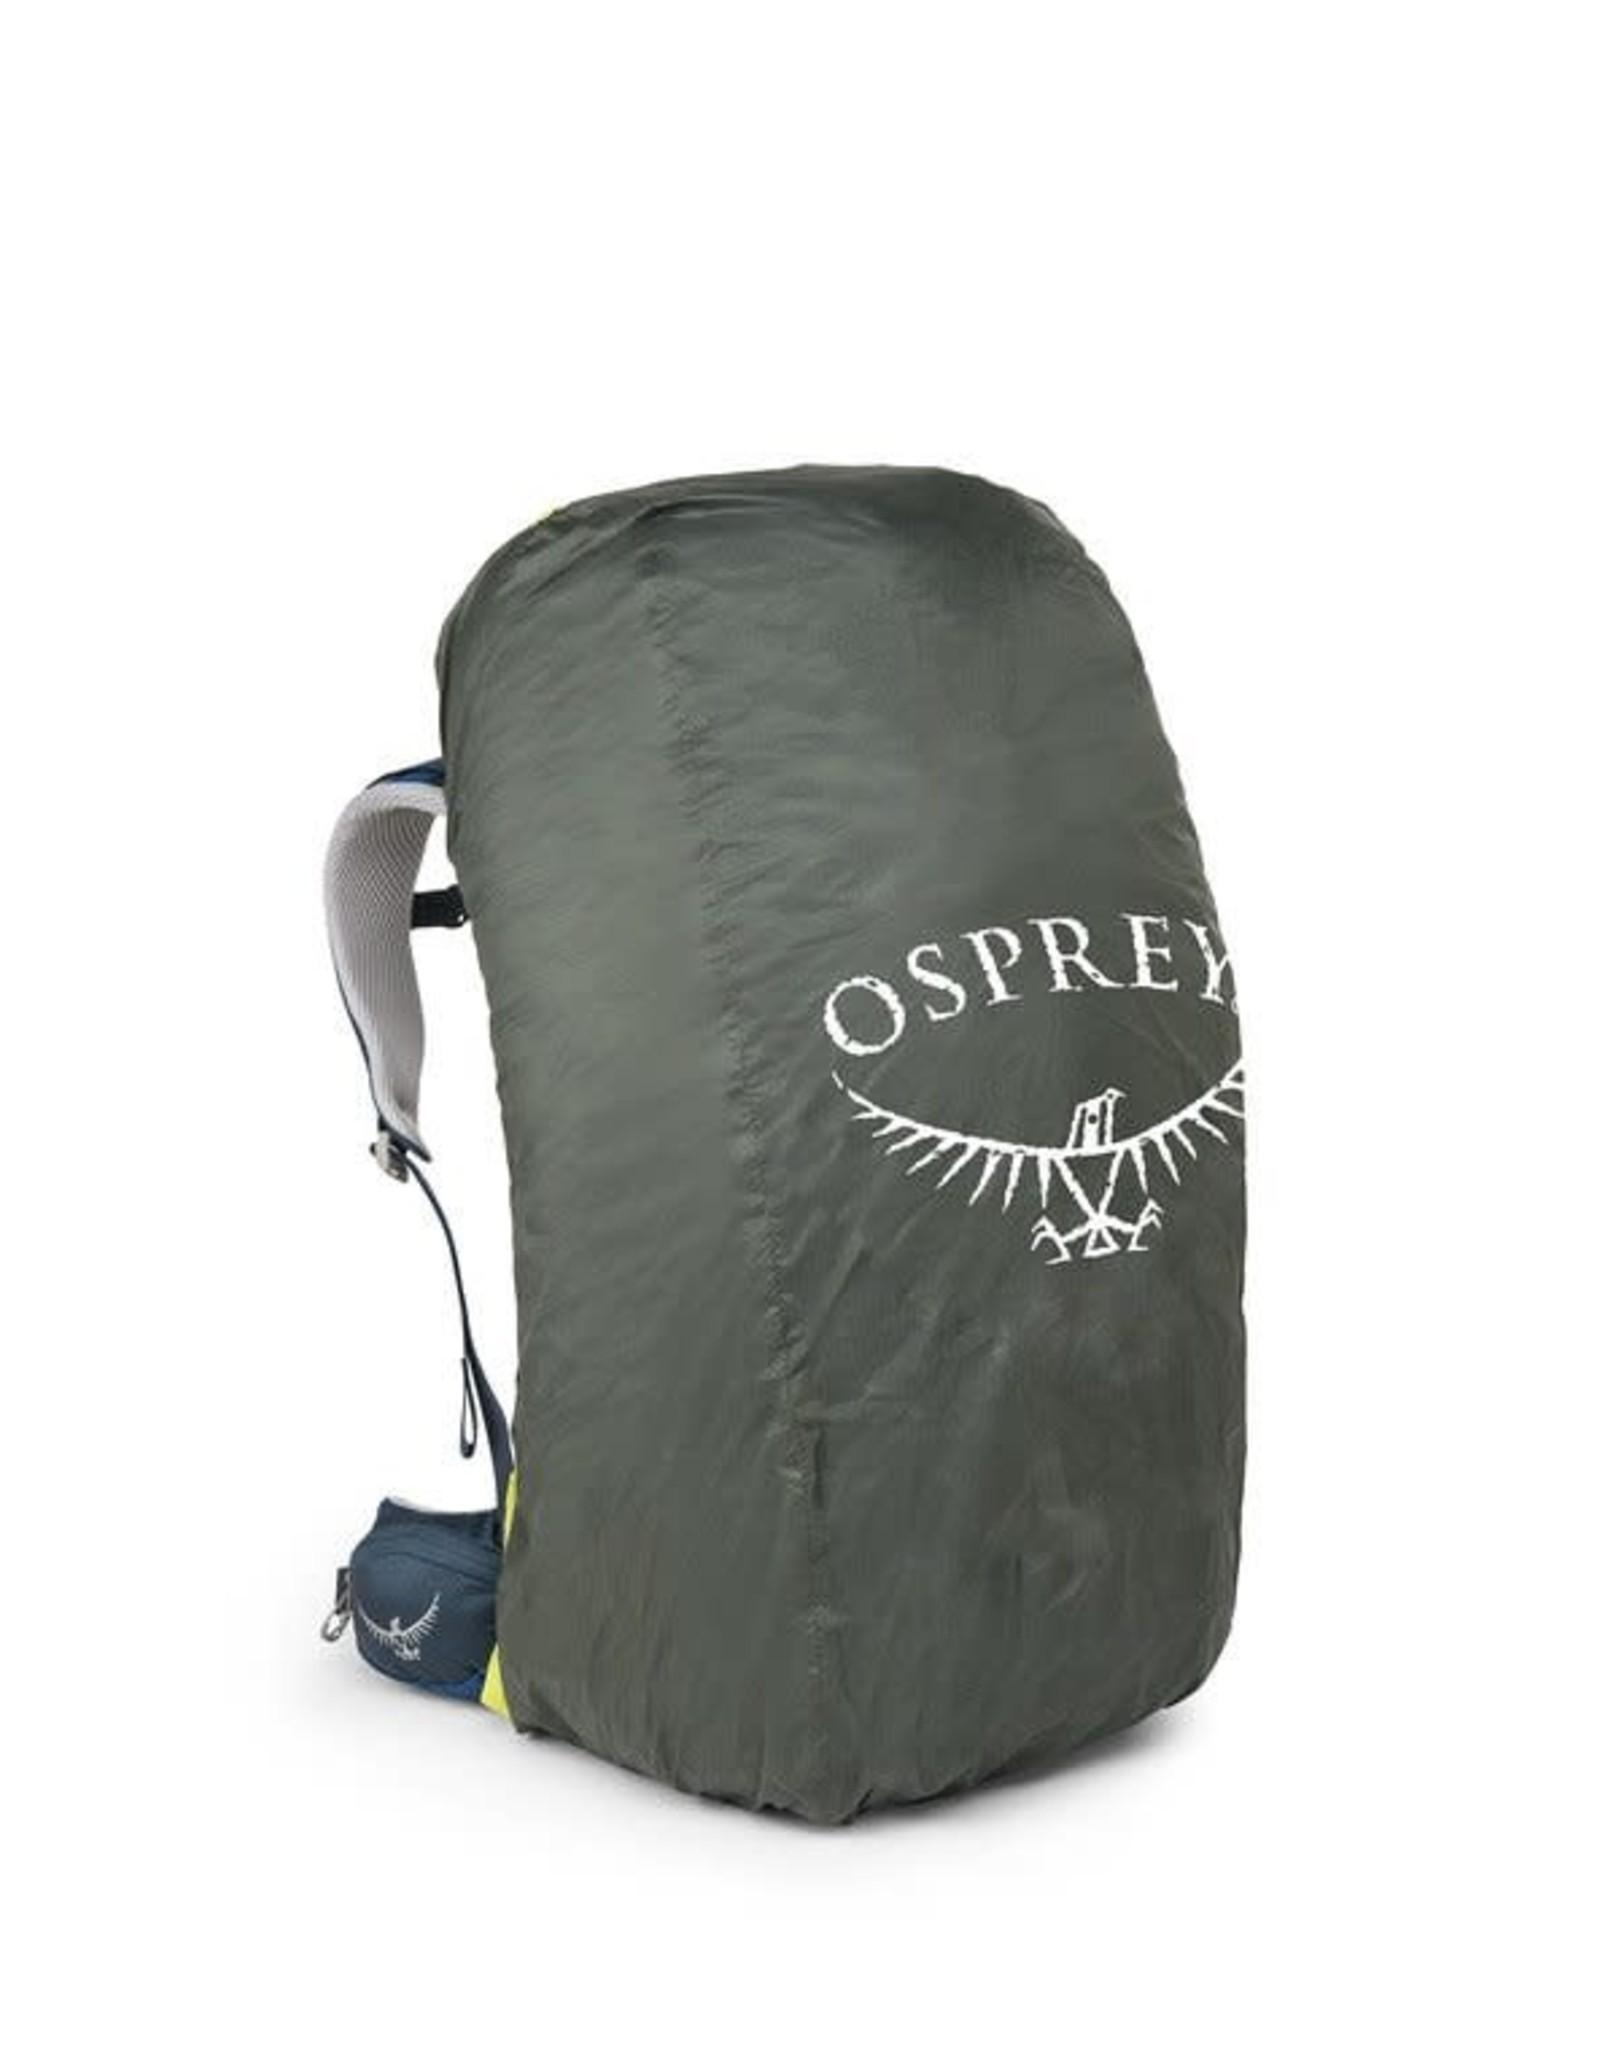 Osprey Osprey UL Raincover Large